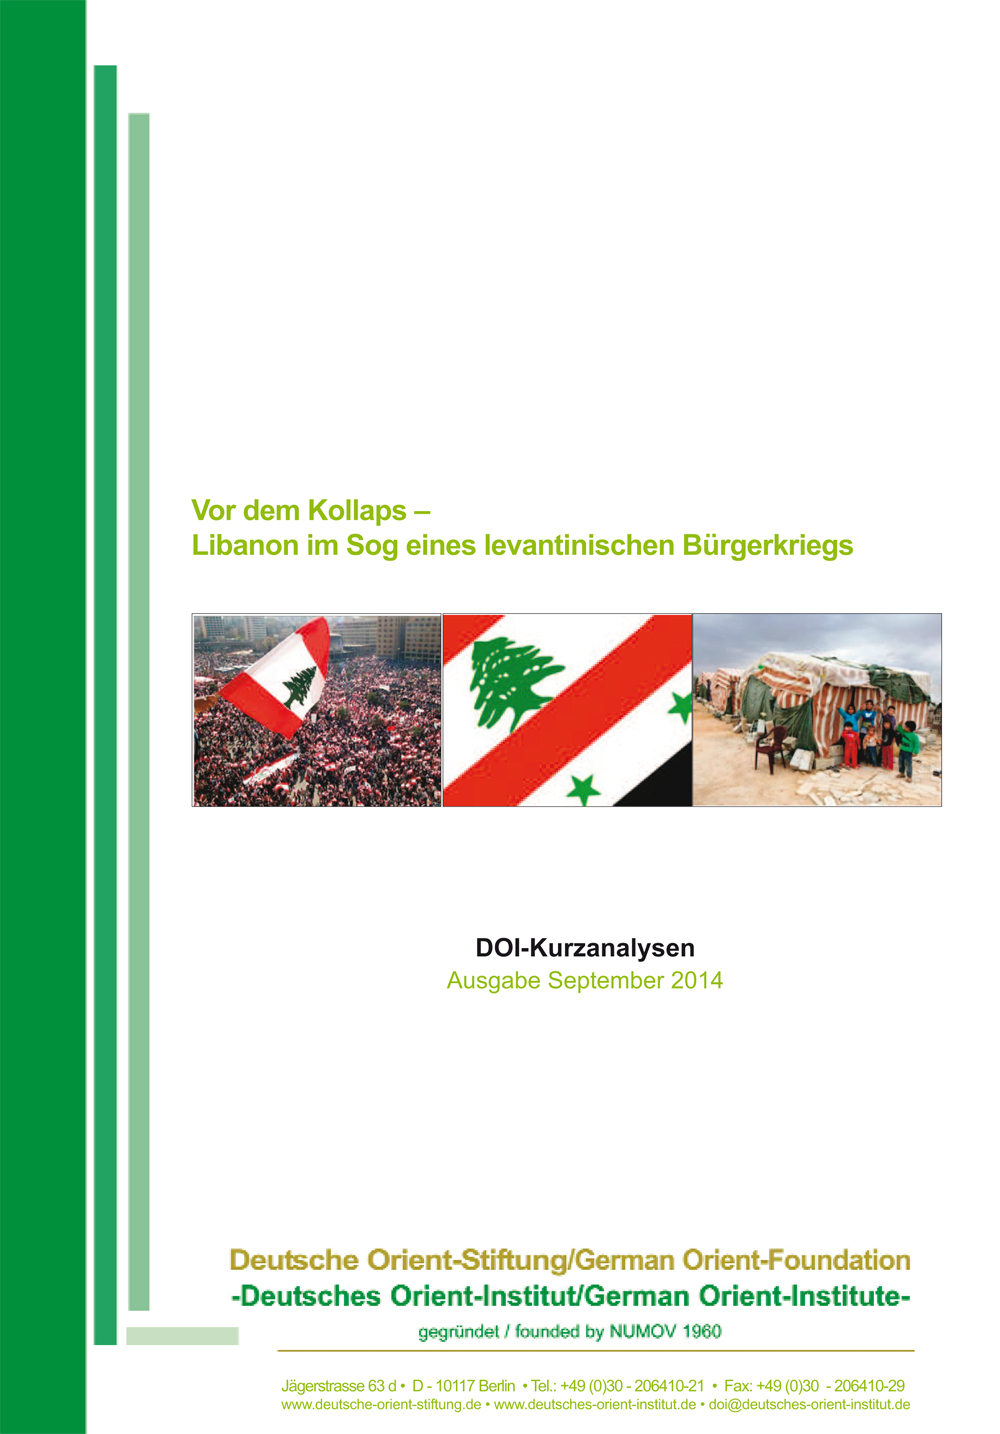 """Featured image for """"Vor dem Kollaps: Libanon im Sog eines levantinischen Bürgerkriegs"""""""